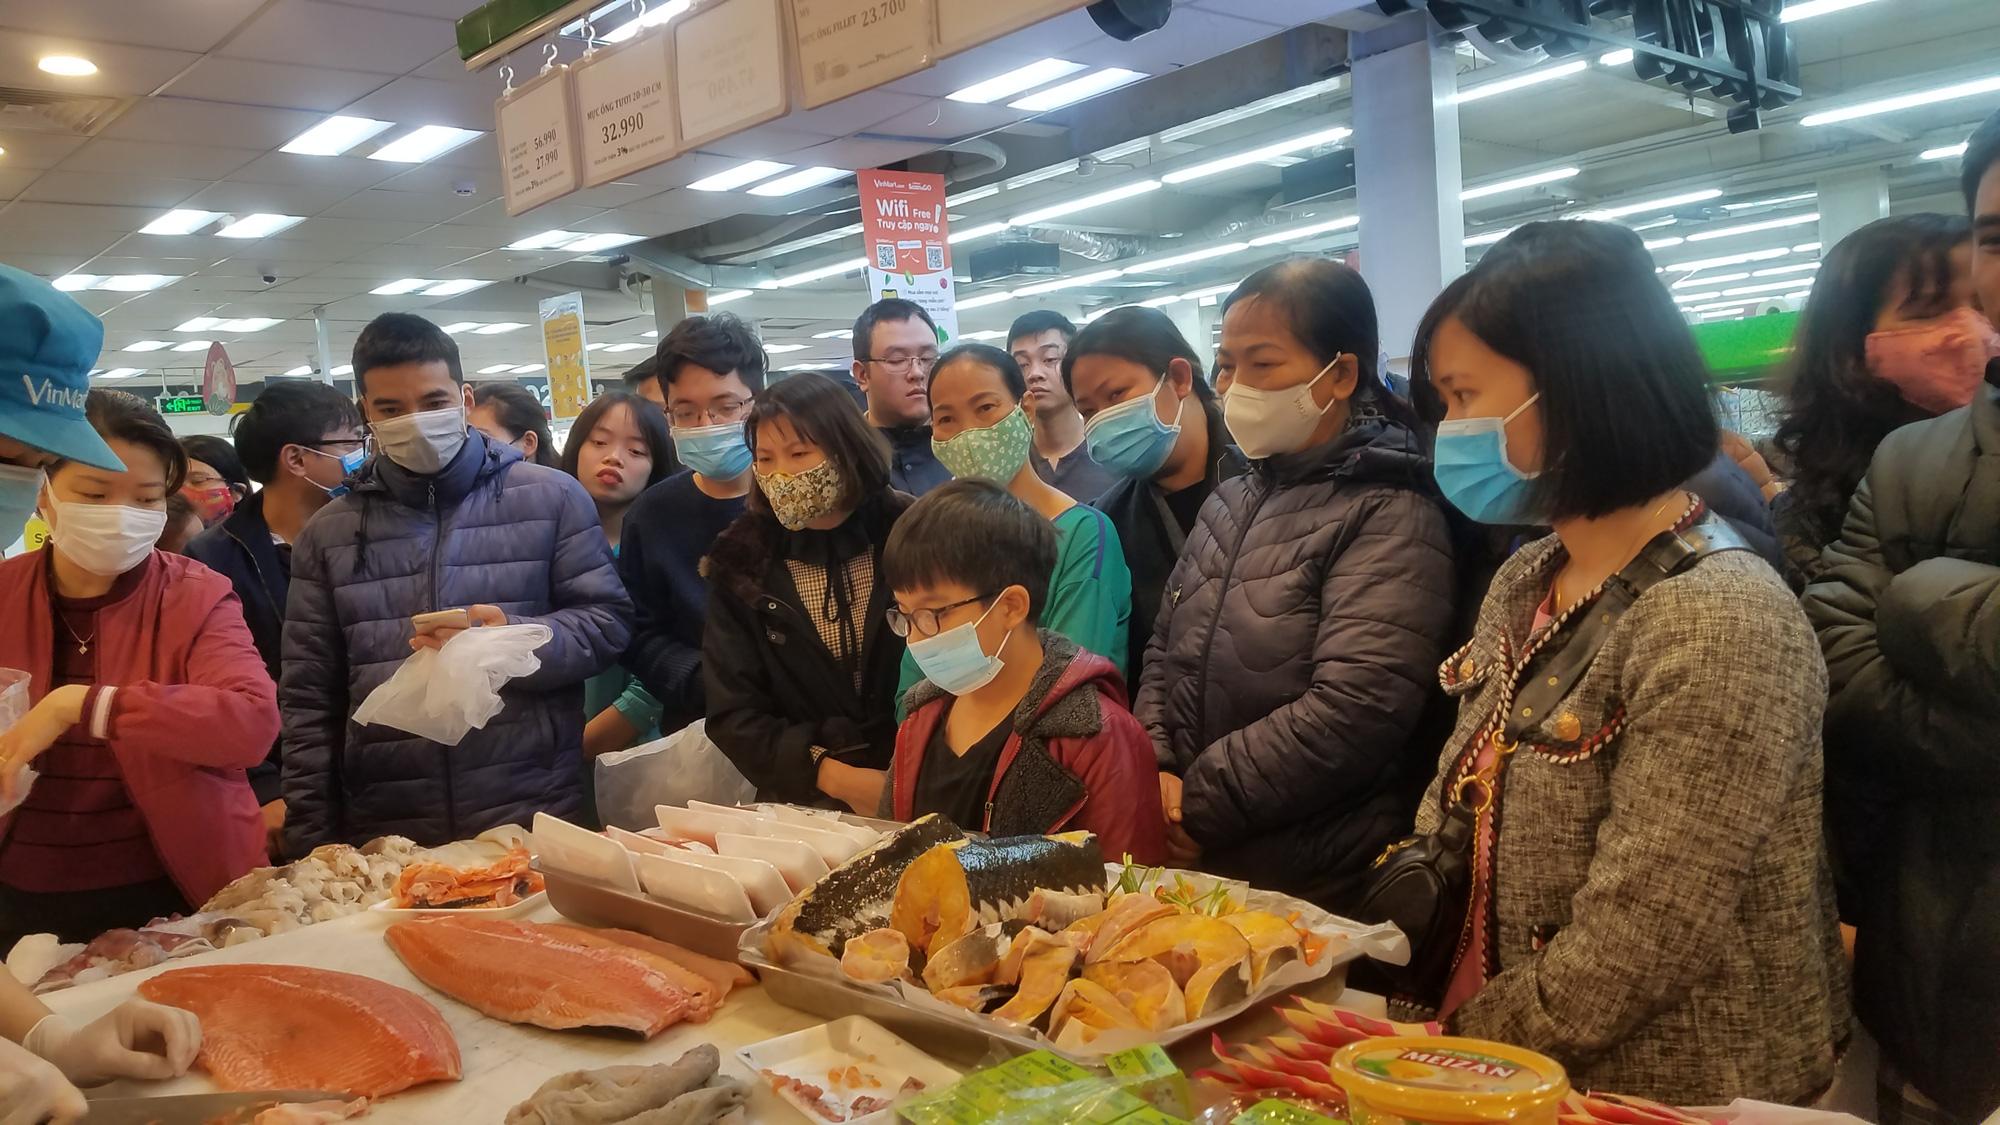 Hãi hùng cảnh tượng người Hà Nội chen lấn, giành giật để mua tôm hùm giảm giá - Ảnh 2.